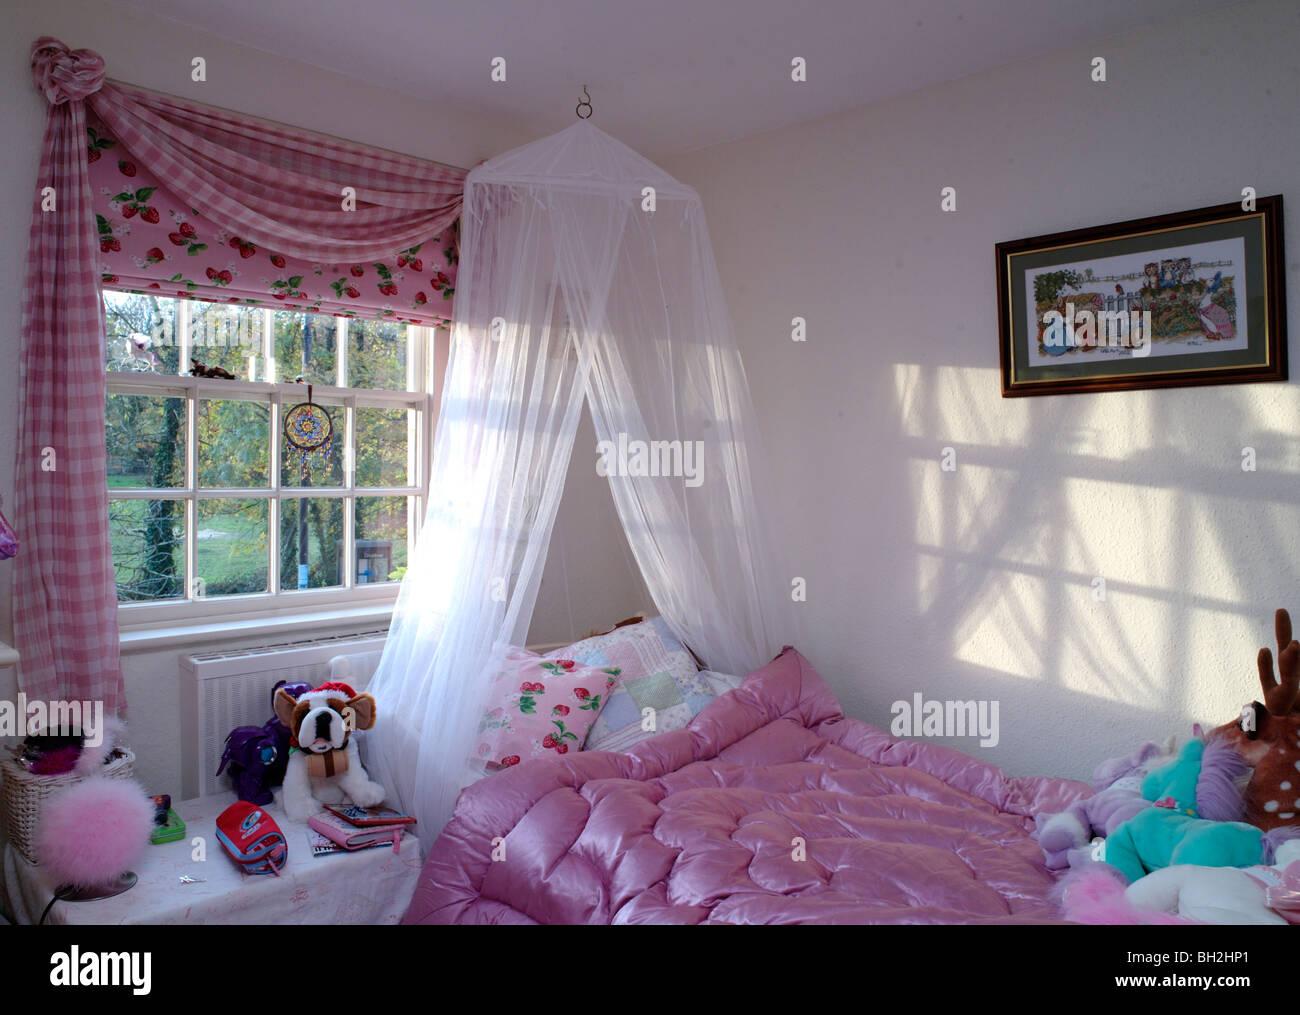 Vorhnge mdchen simple kinder vorhnge rosa prinzessin for Madchen vorhange